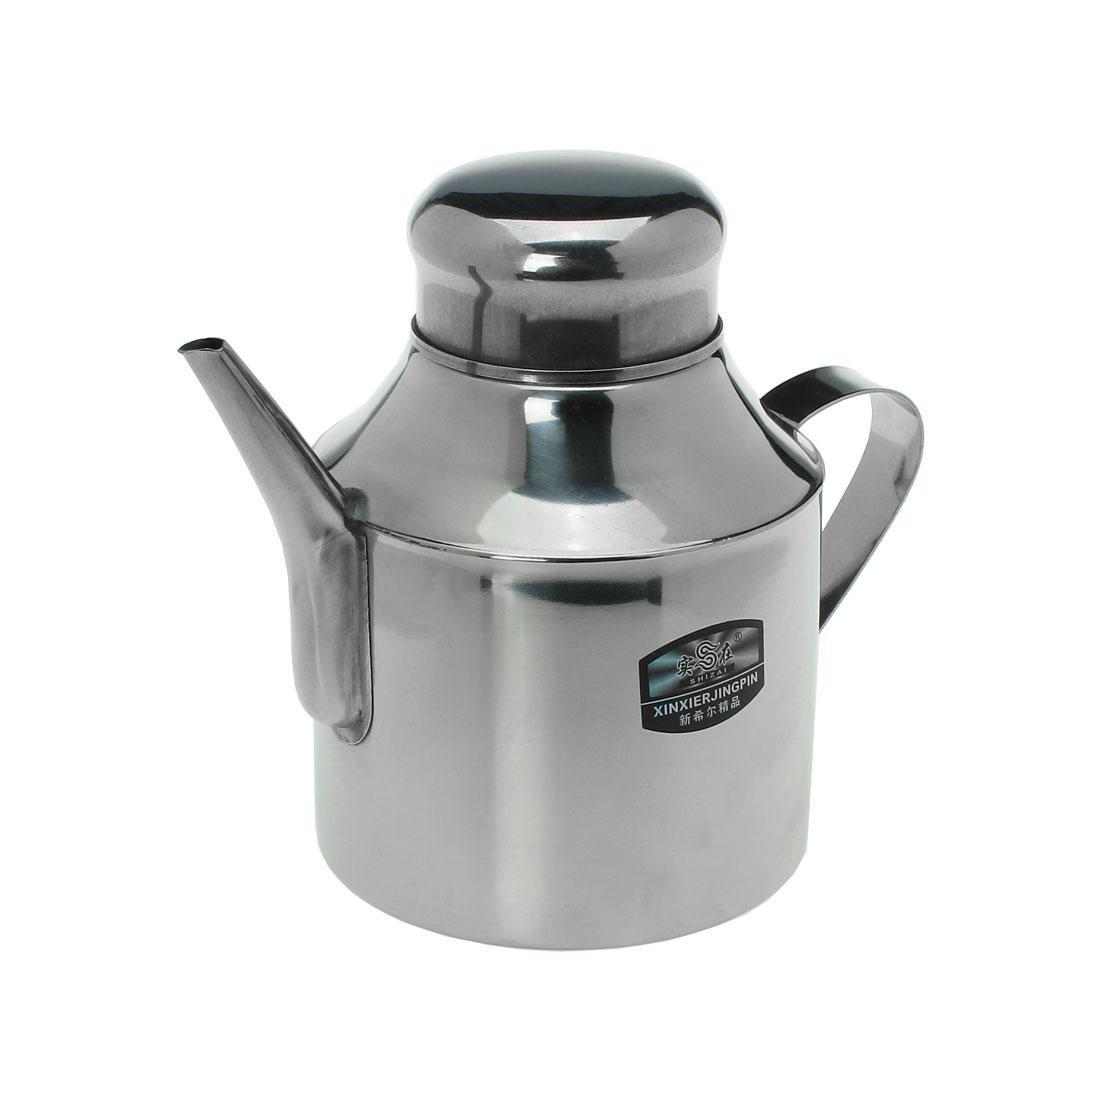 Household Stainless Steel Lidded Shanked Oil Vinegar Sauce Pot 24oz